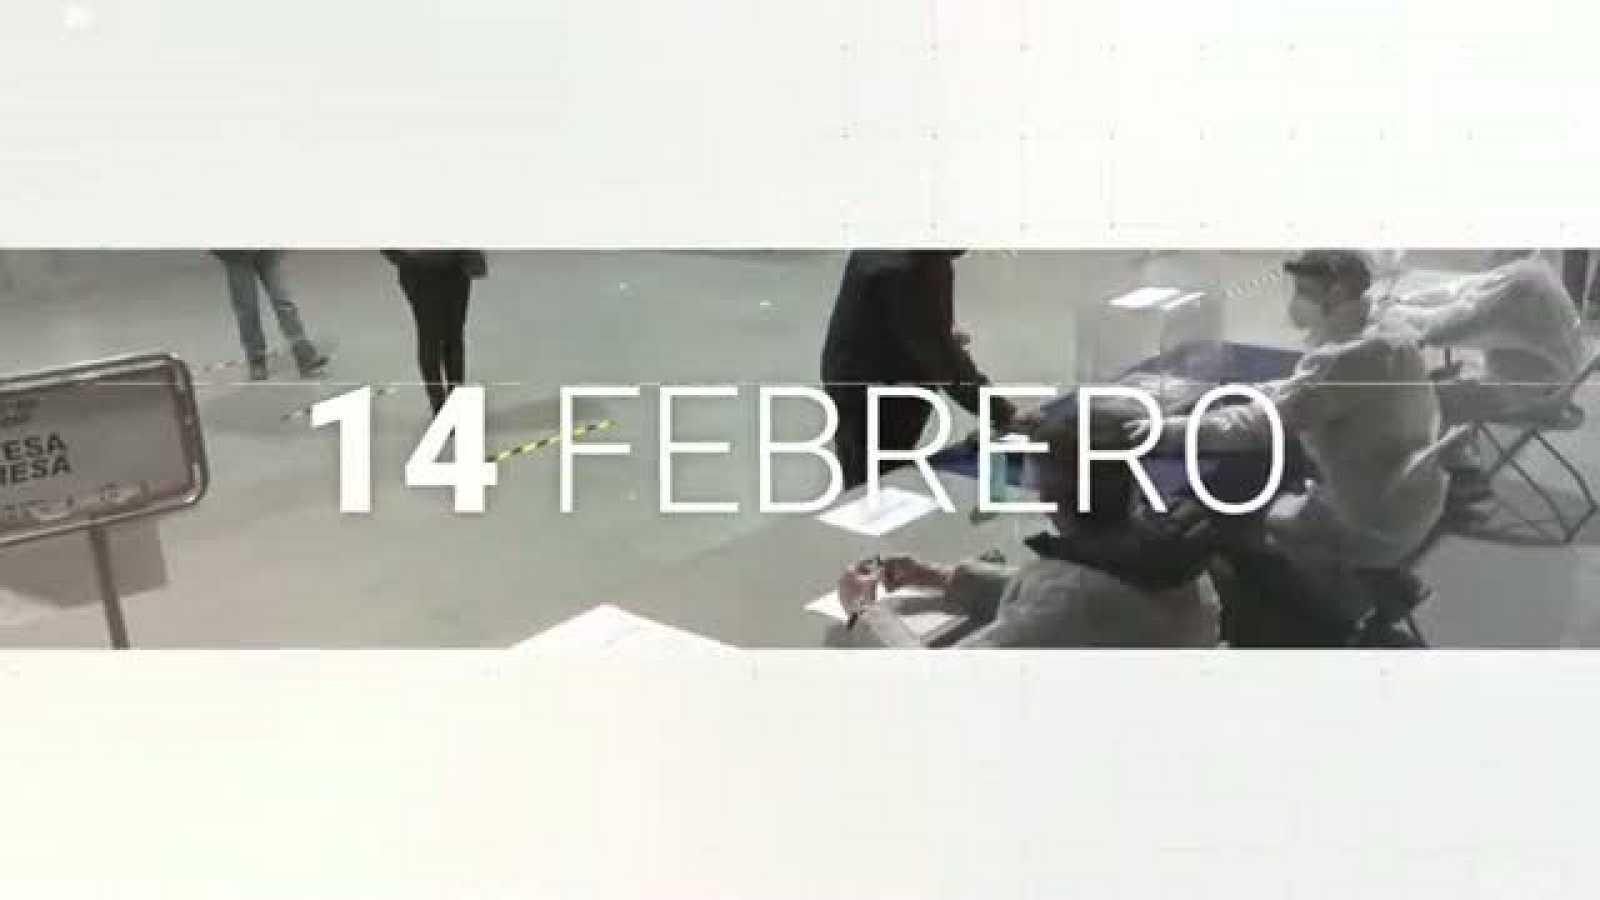 Sigue toda la información sobre las elecciones en Cataluña en RTVE